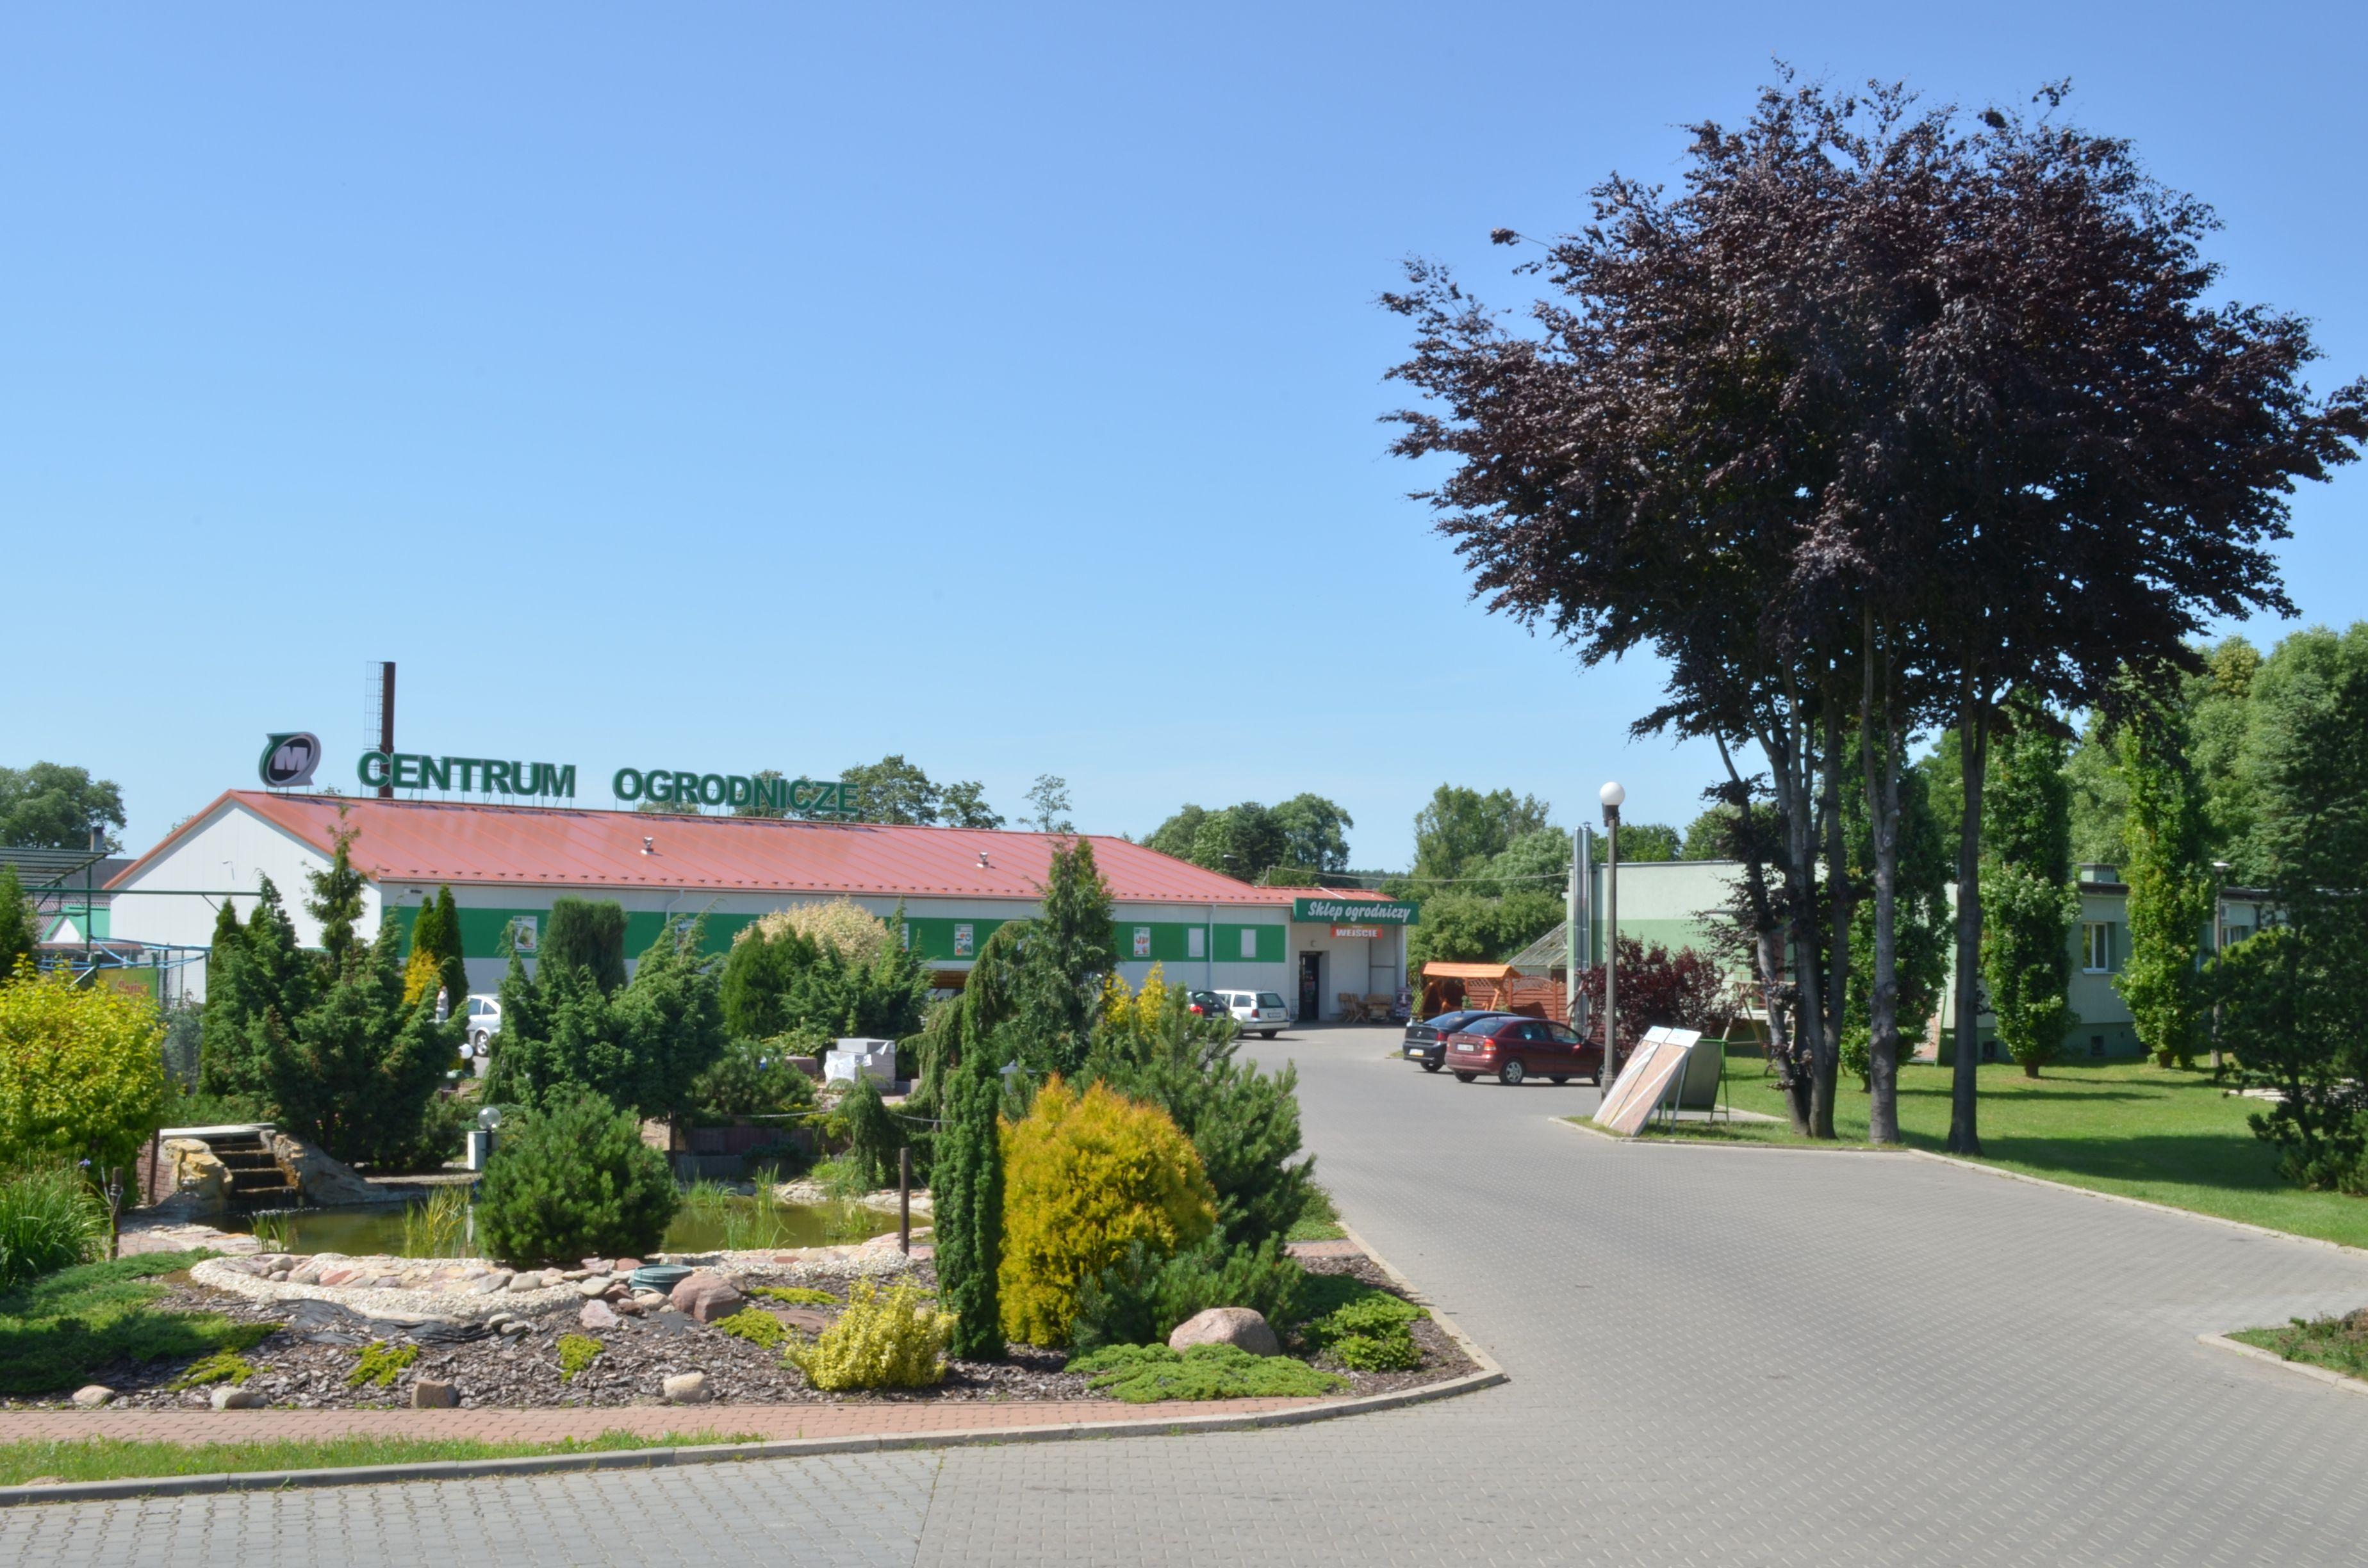 centrum ogrodnicze medax ostrowiec świętokrzyski